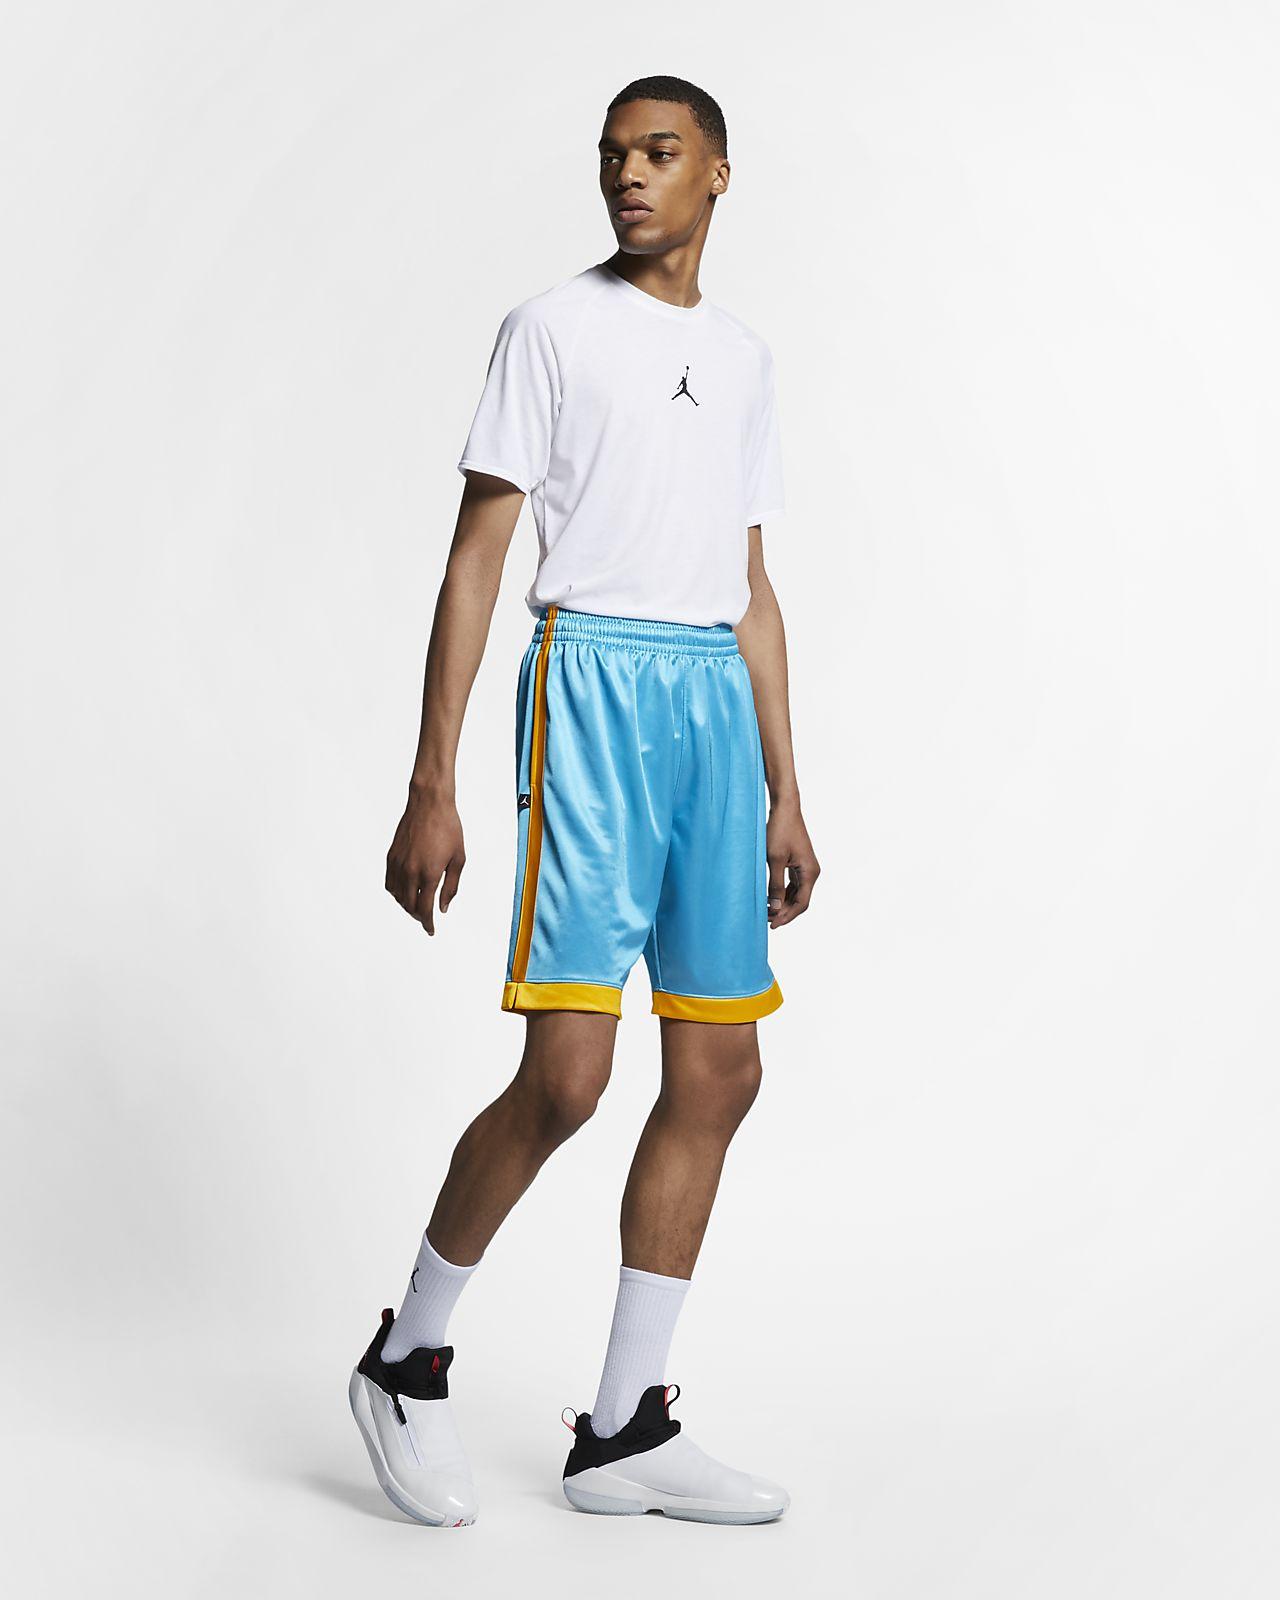 99e2e5b9300890 Low Resolution Jordan Shimmer Men s Basketball Shorts Jordan Shimmer Men s  Basketball Shorts